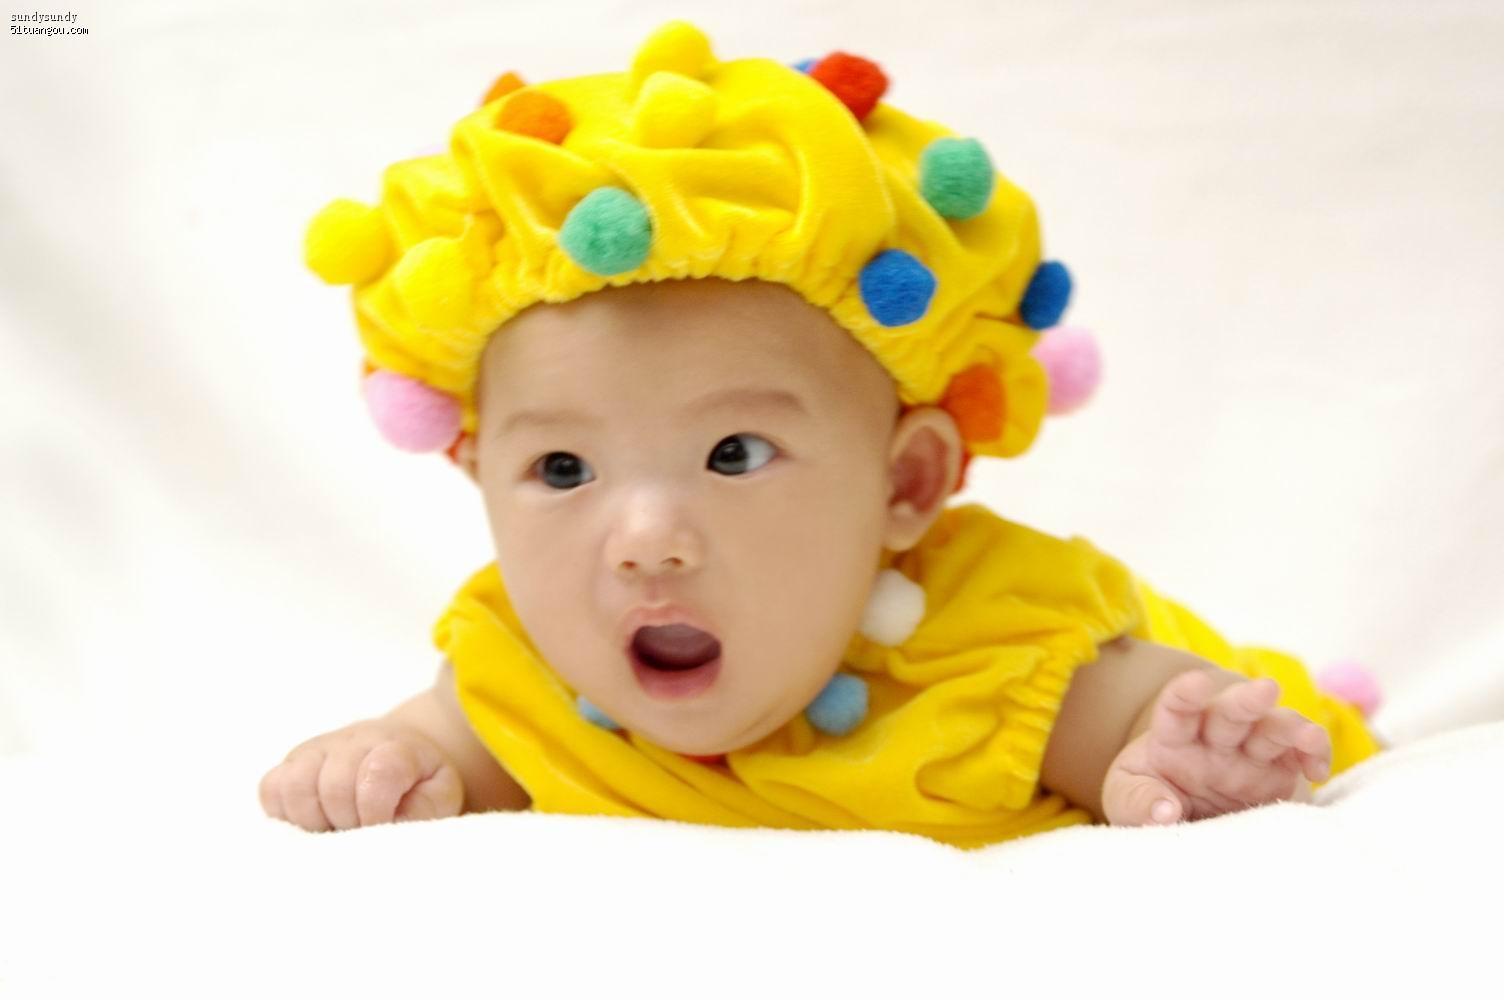 宝宝 壁纸 儿童 孩子 小孩 婴儿 1504_1000